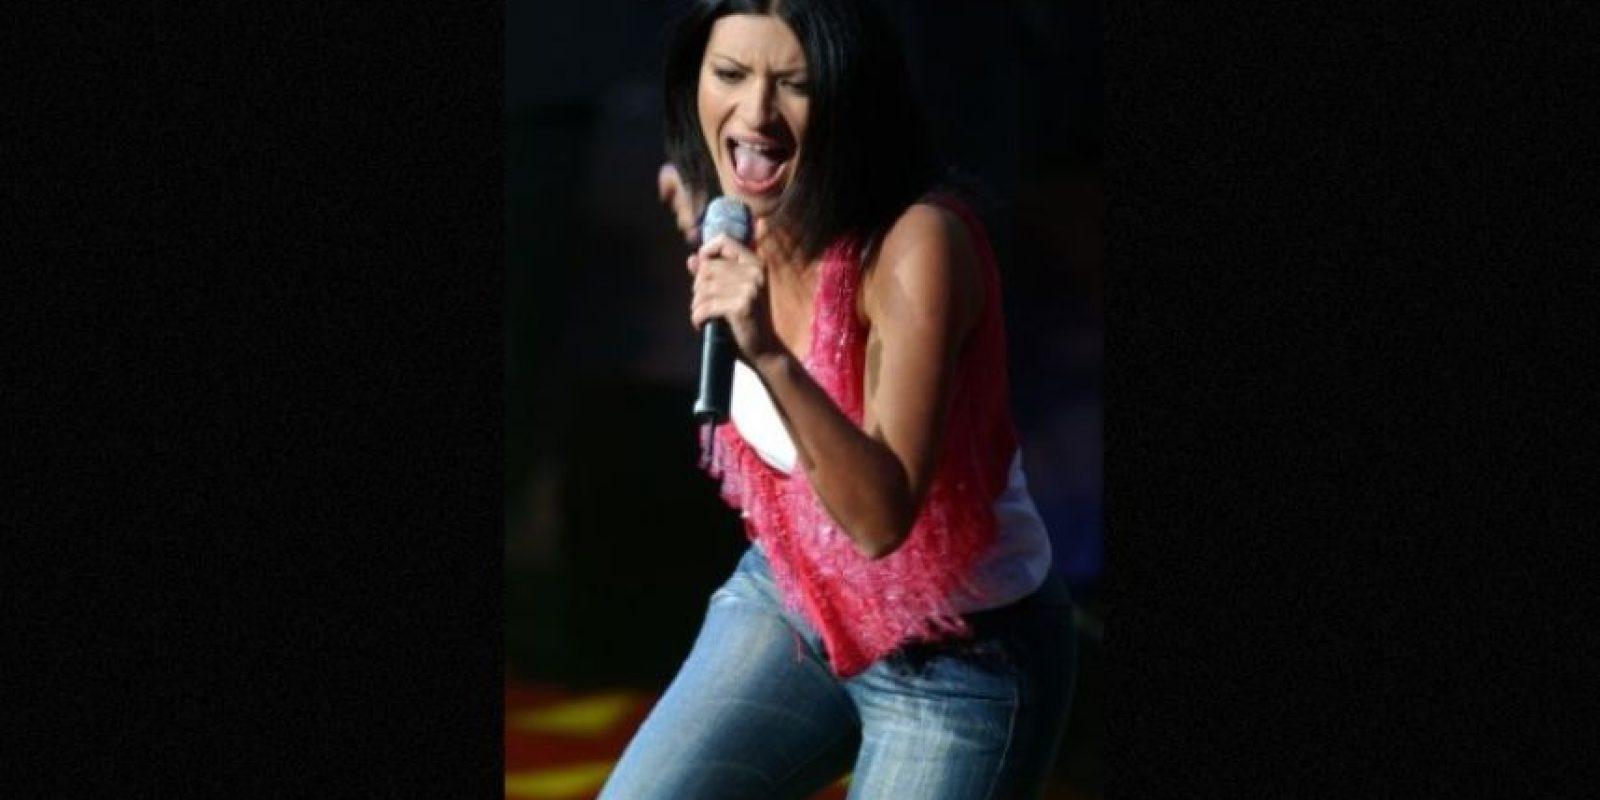 Laura Pausini mostró sus partes íntimas durante su último concierto en Perú. Esa ocasión, la cantante únicamente vestía una bata. Foto:Getty Images